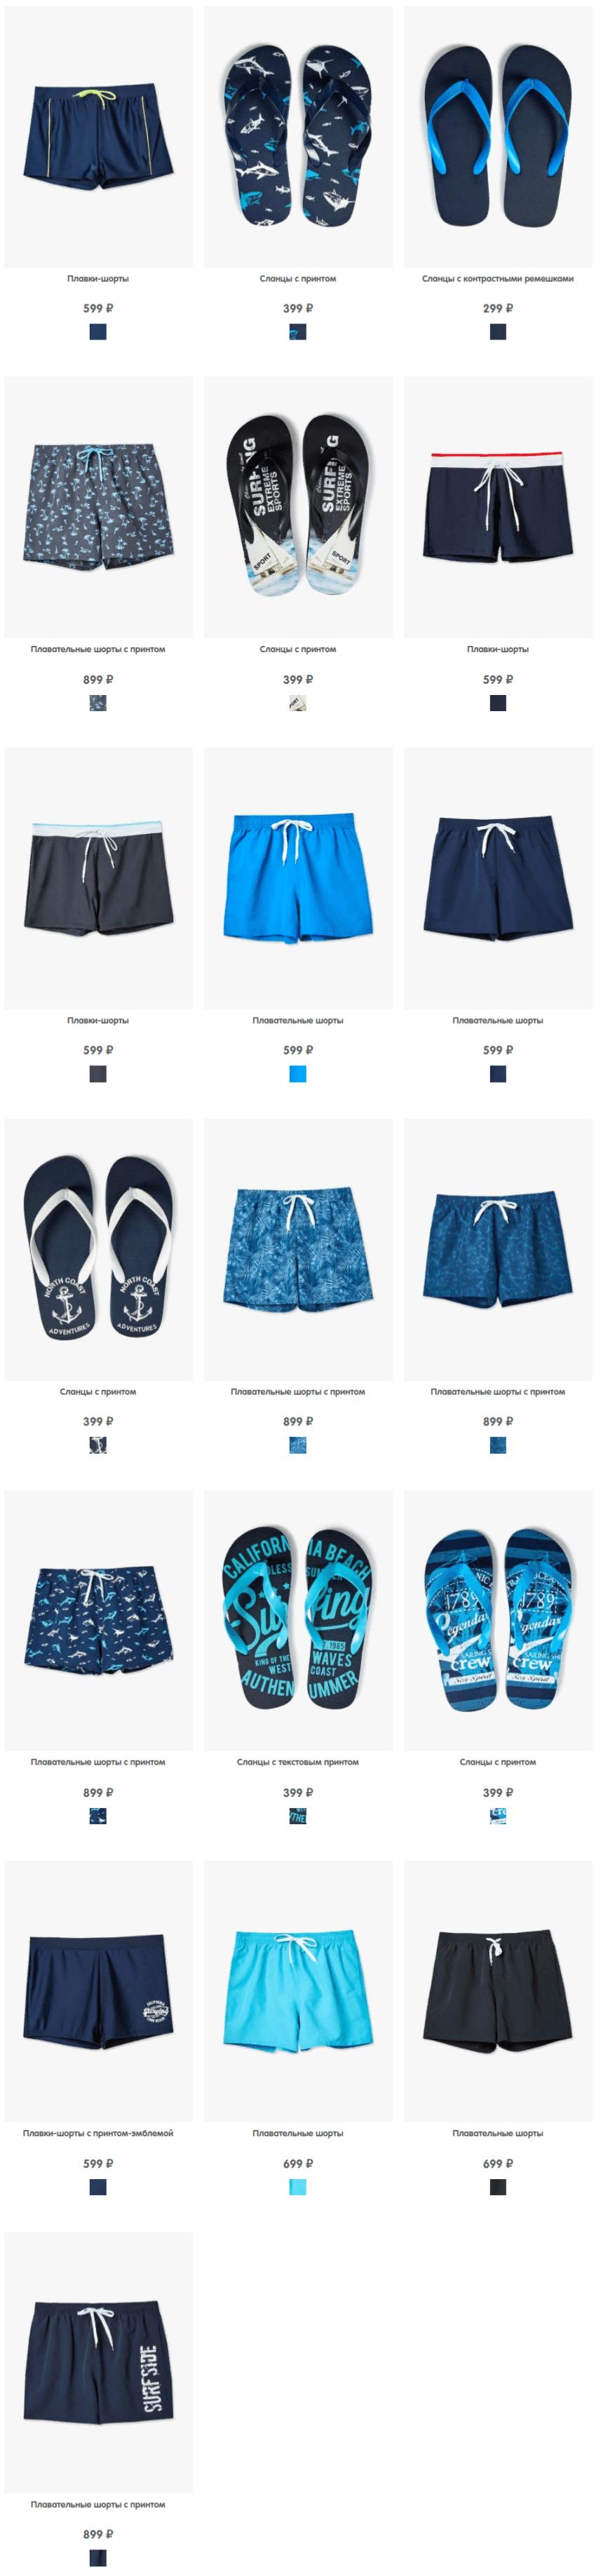 Пляжная одежда в интернет-магазине одежды Funday